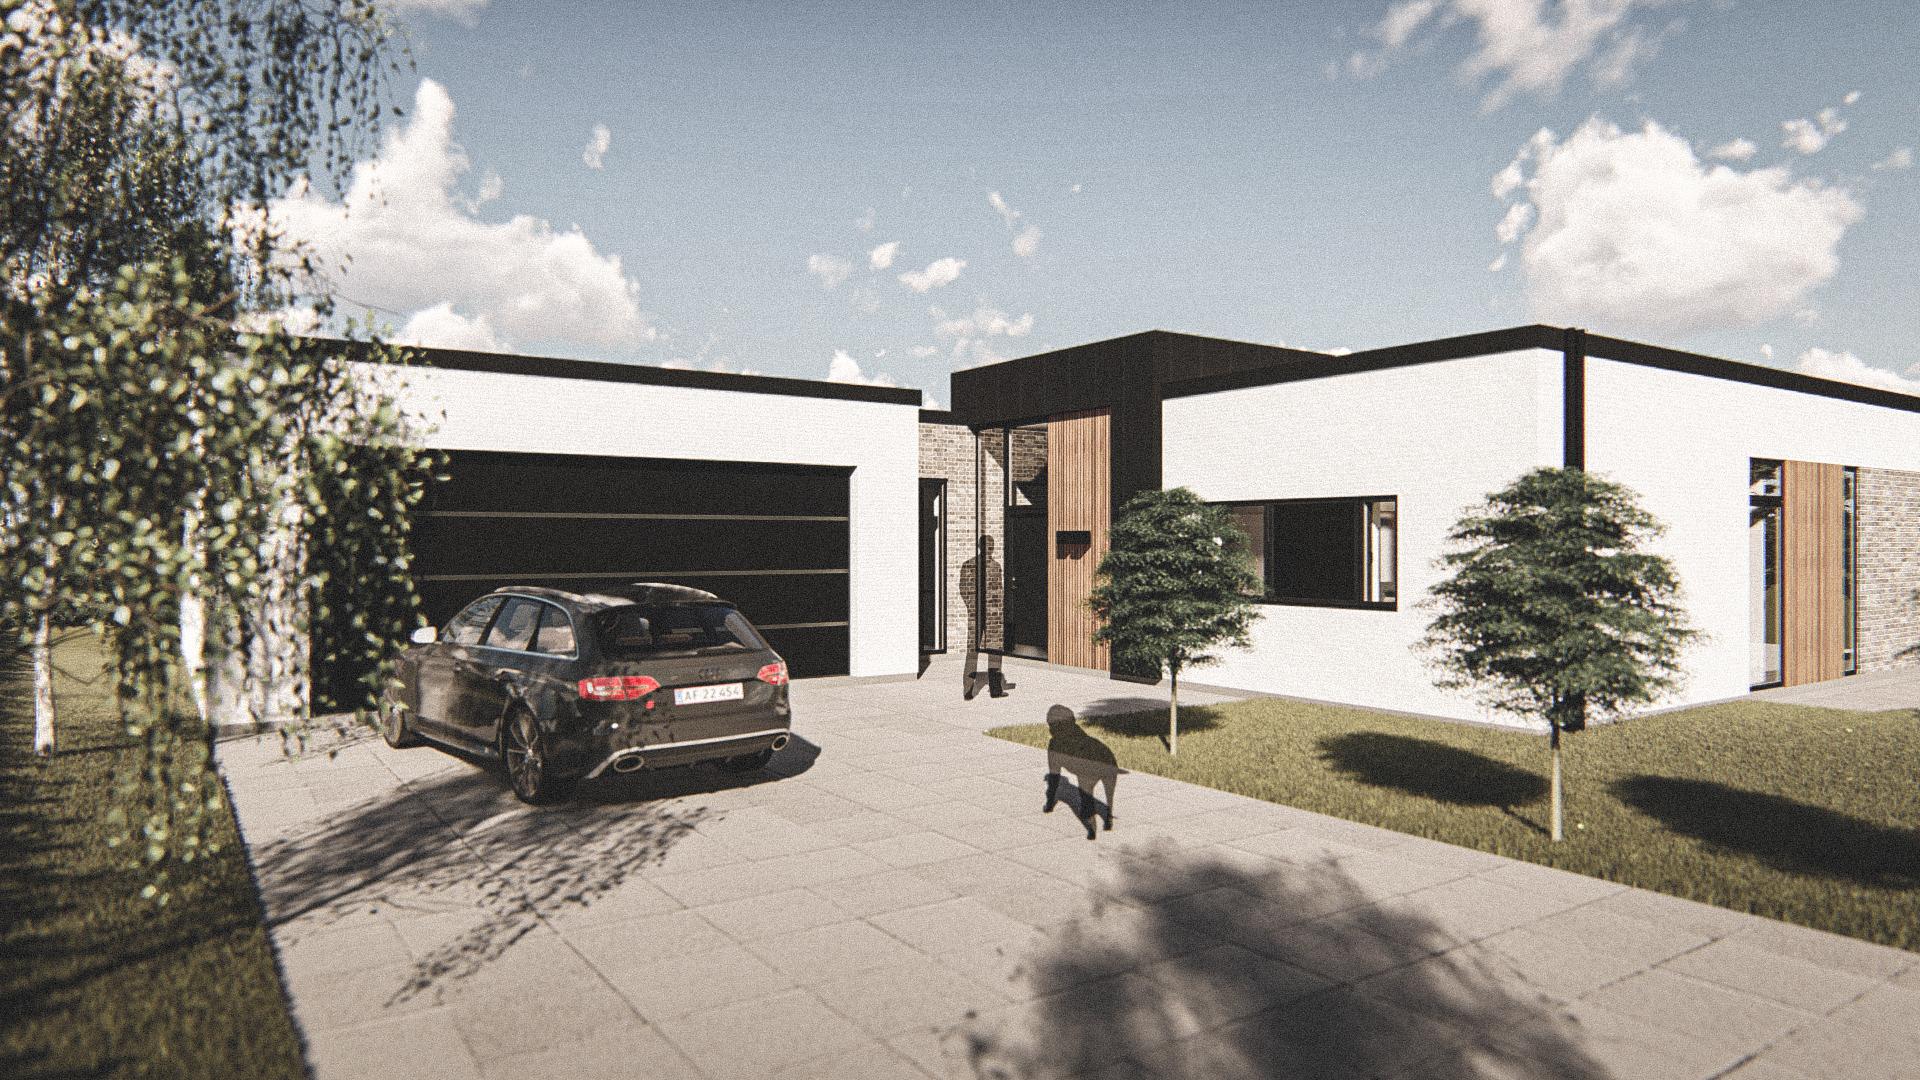 Billede af Dansk arkitekttegnet 1 plan villa af arkitektfirmaet m2plus, i Aarup på 0 kvartratmeter.